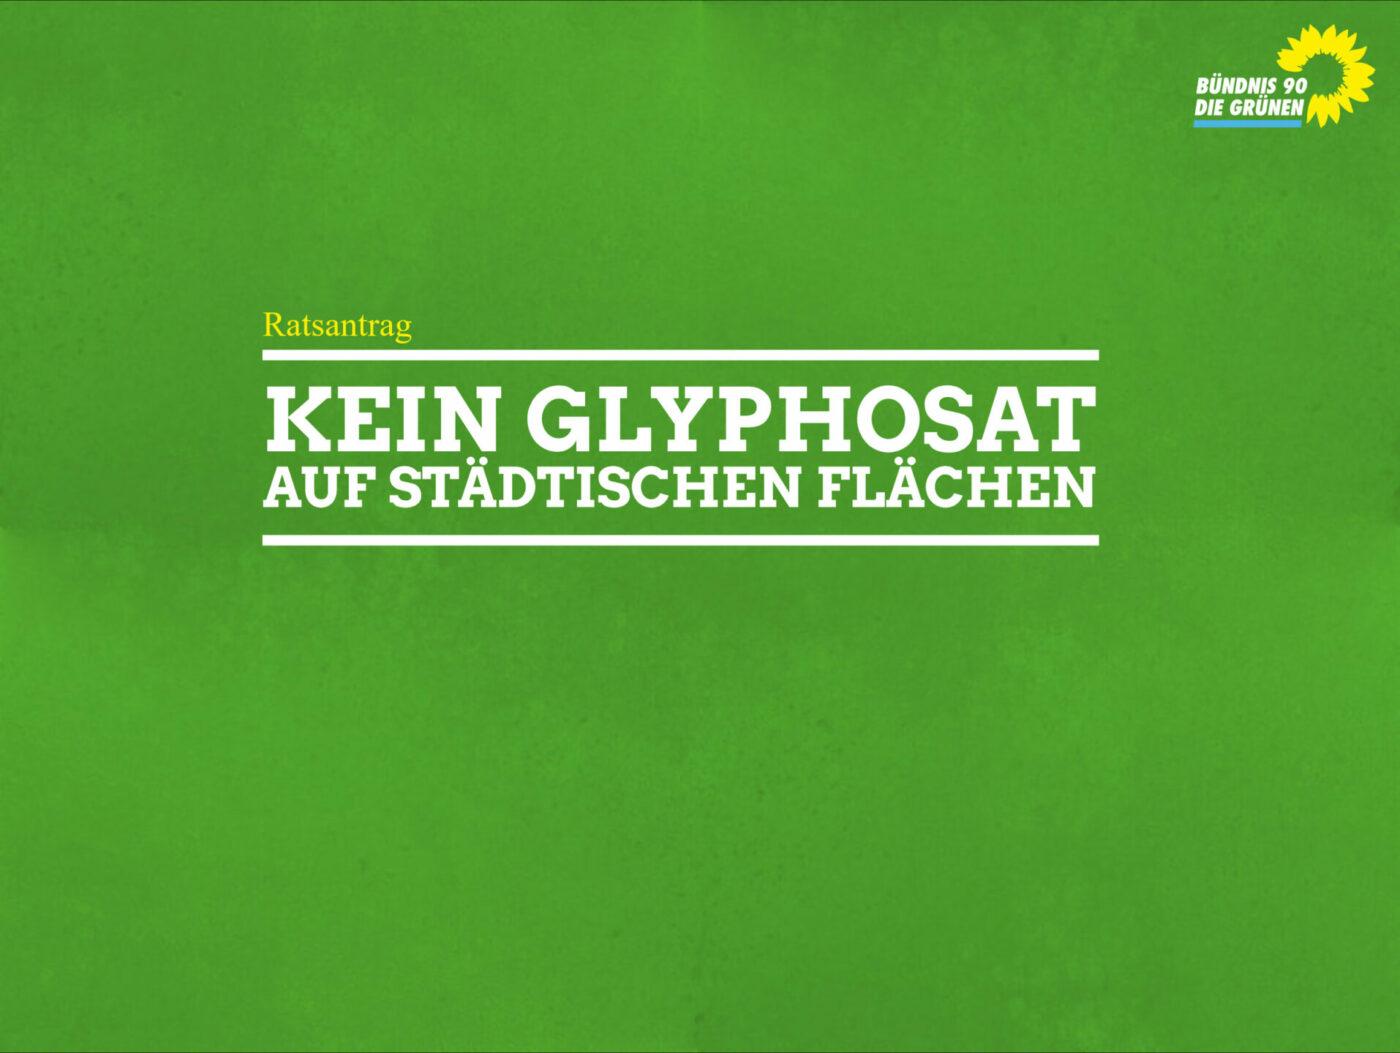 Ratsantrag: Kein Glyphosat auf städtischen Flächen